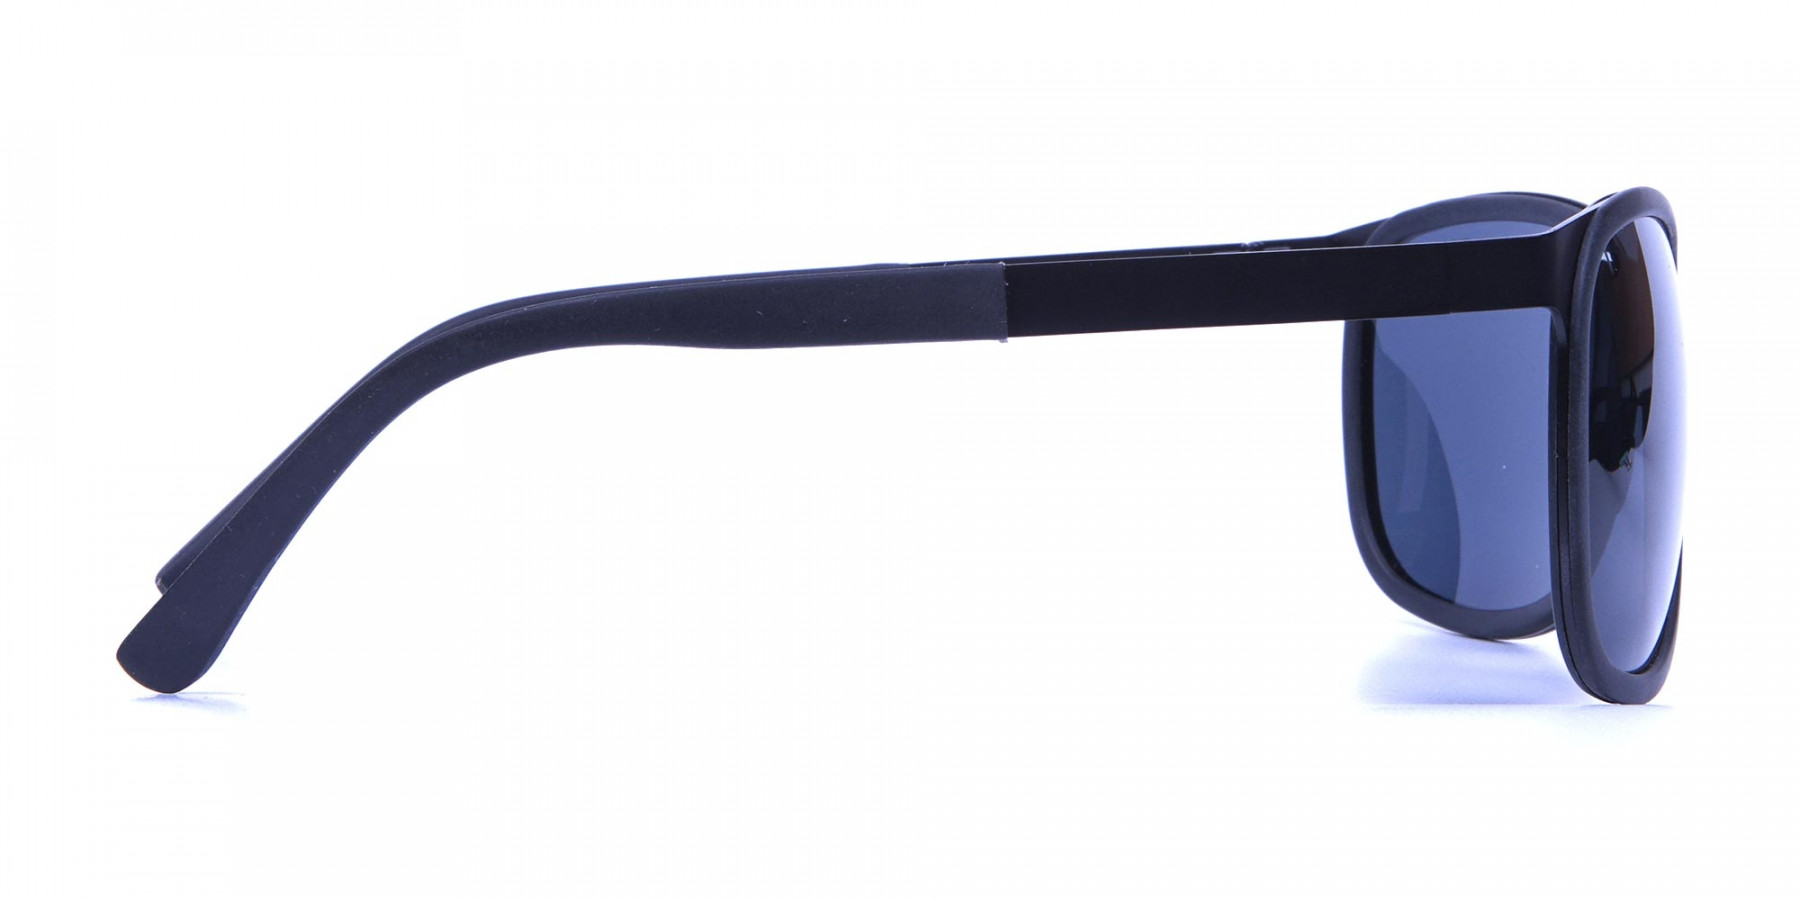 Subtle Black Square Sunglasses -2